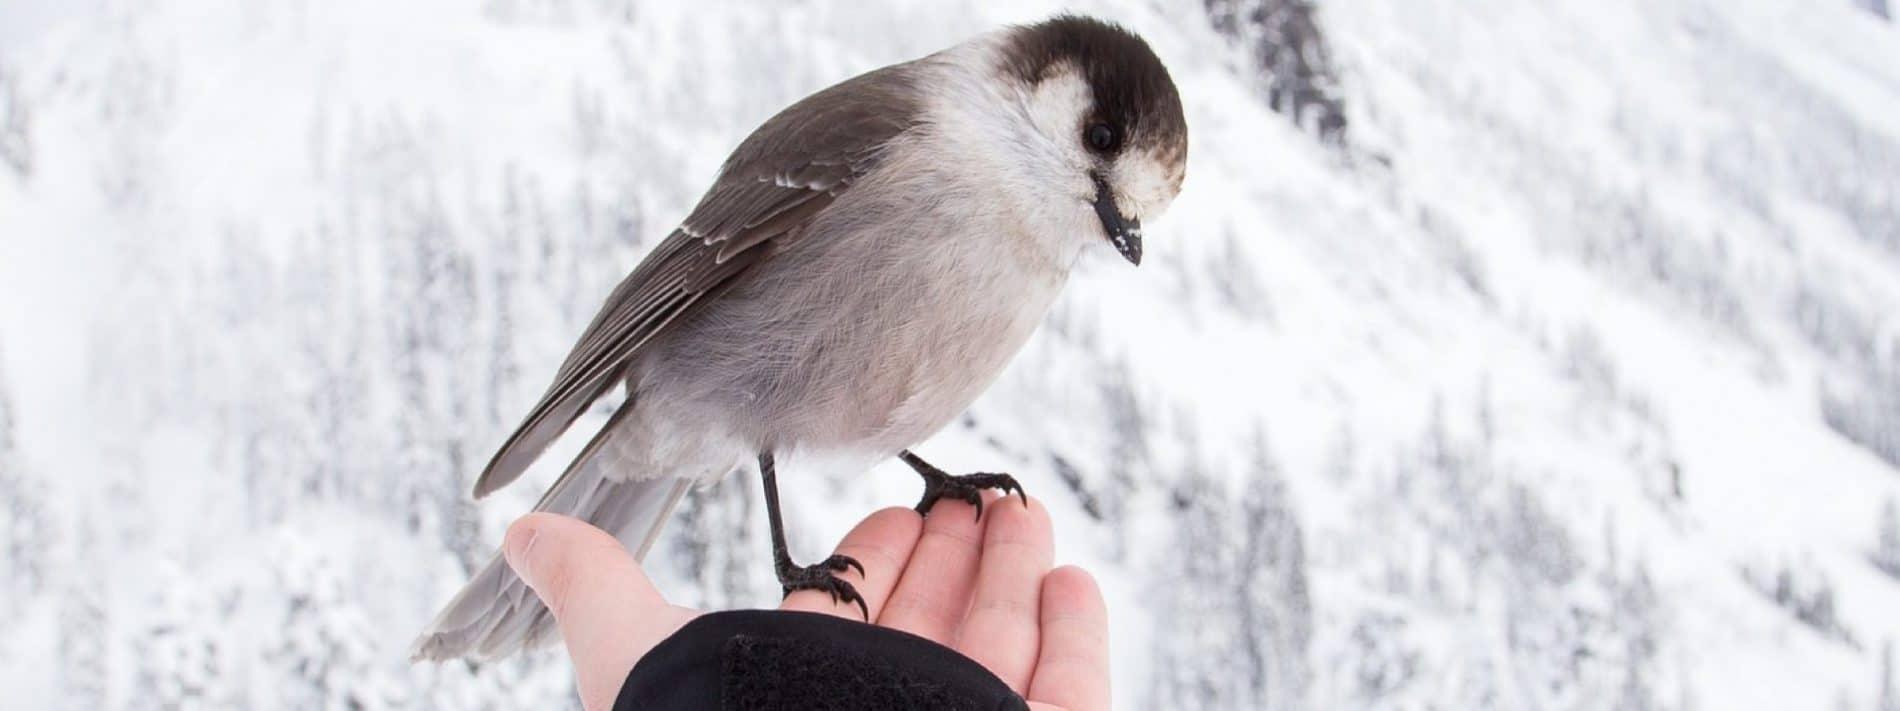 oiseau LPO cidou